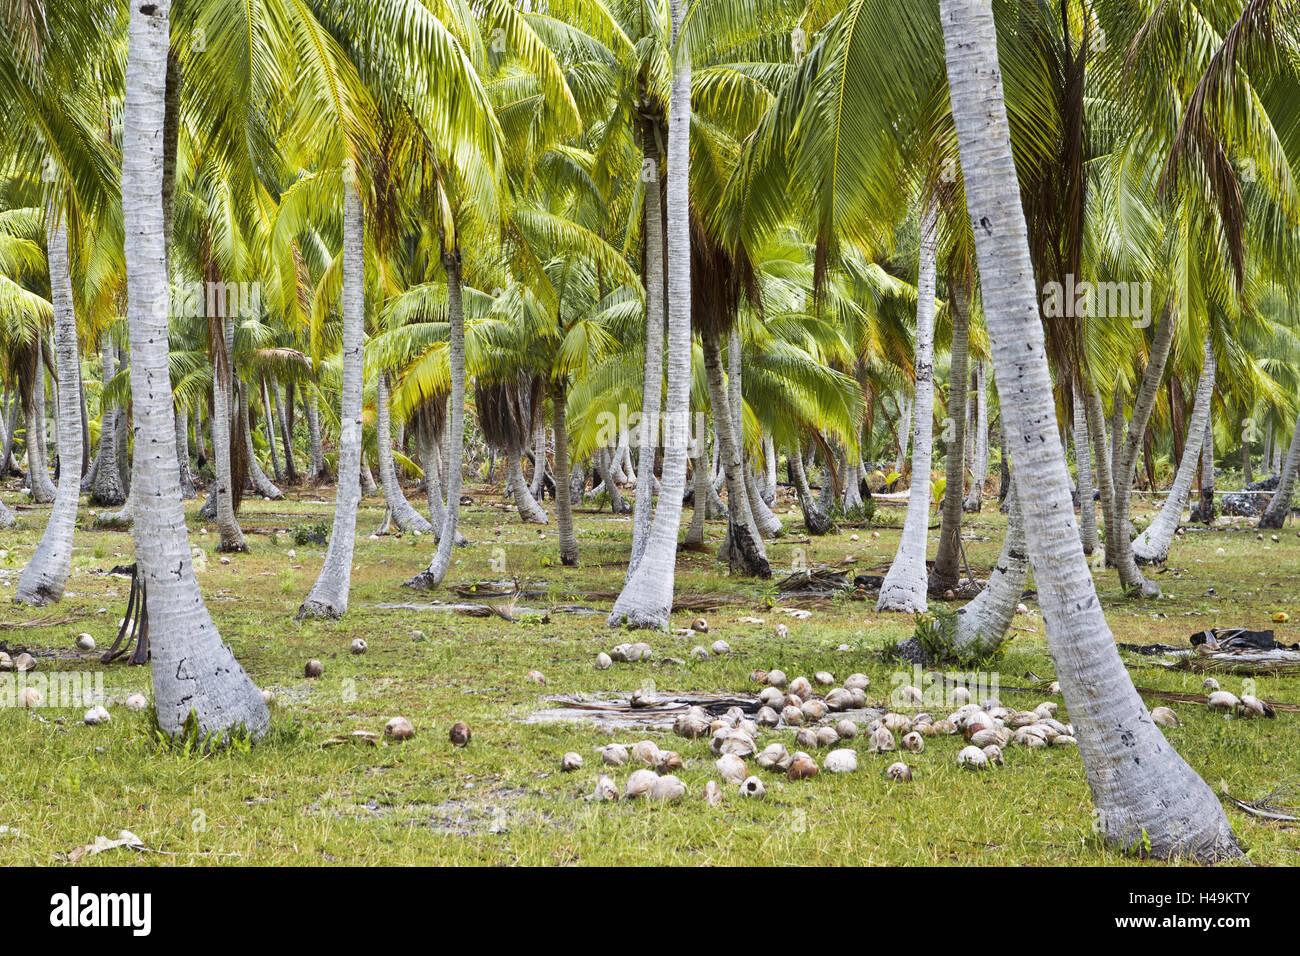 El Océano Pacífico, en la Polinesia Francesa, palmeras, cocoteros, mentira, Tikehau, cocoteros, Archipiélago Tuamotu, escenografía, isla, archipiélago, atoll, laguna, palmeras, vegetación, suelo, arroz, Foto de stock